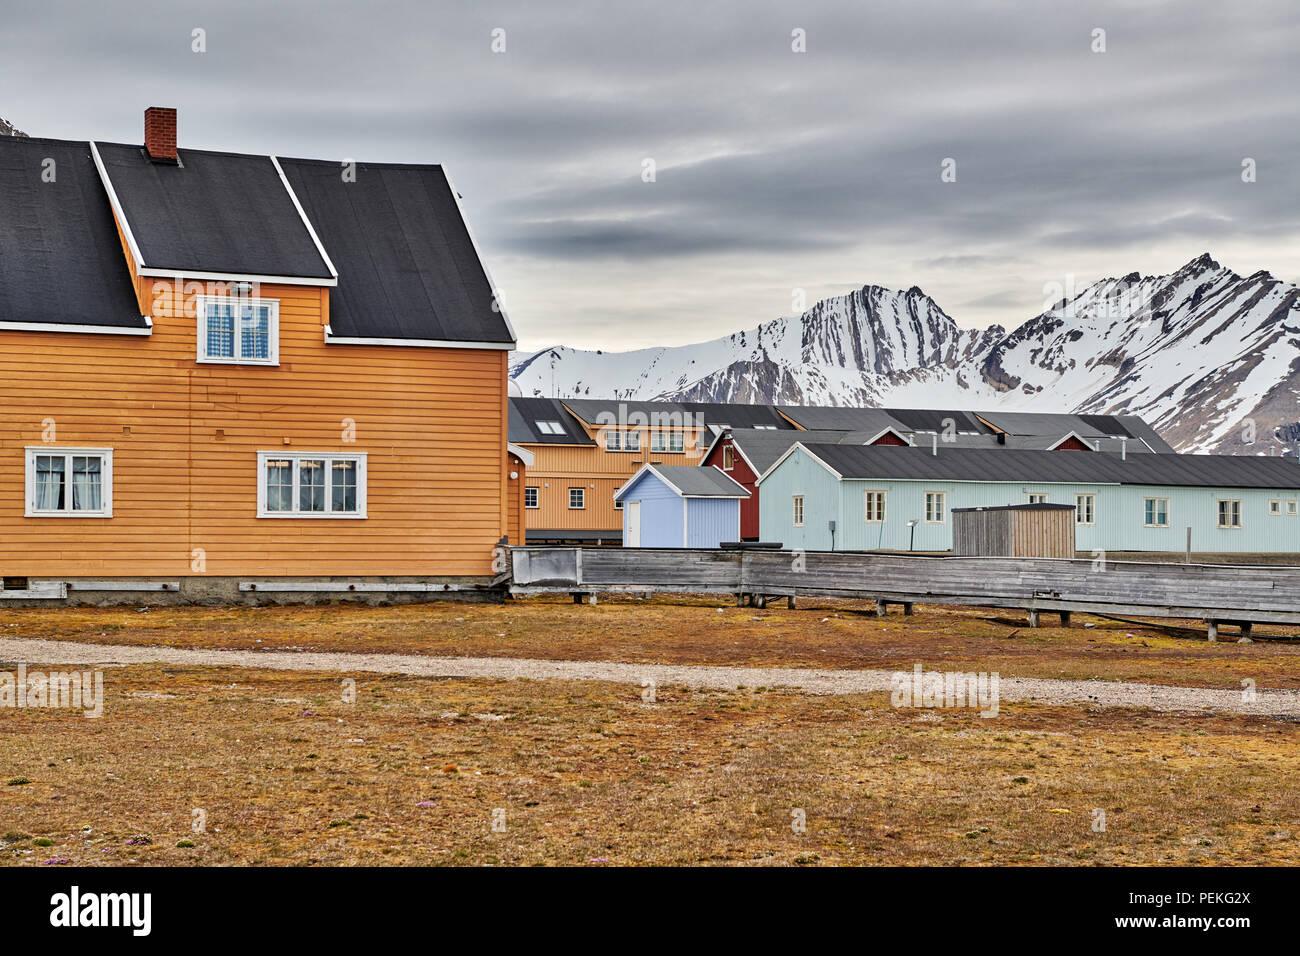 Gebäude der nördlichsten Zivilen und funktionale Siedlung Ny-Ålesund, Spitzbergen oder Spitzbergen, Europa Stockbild